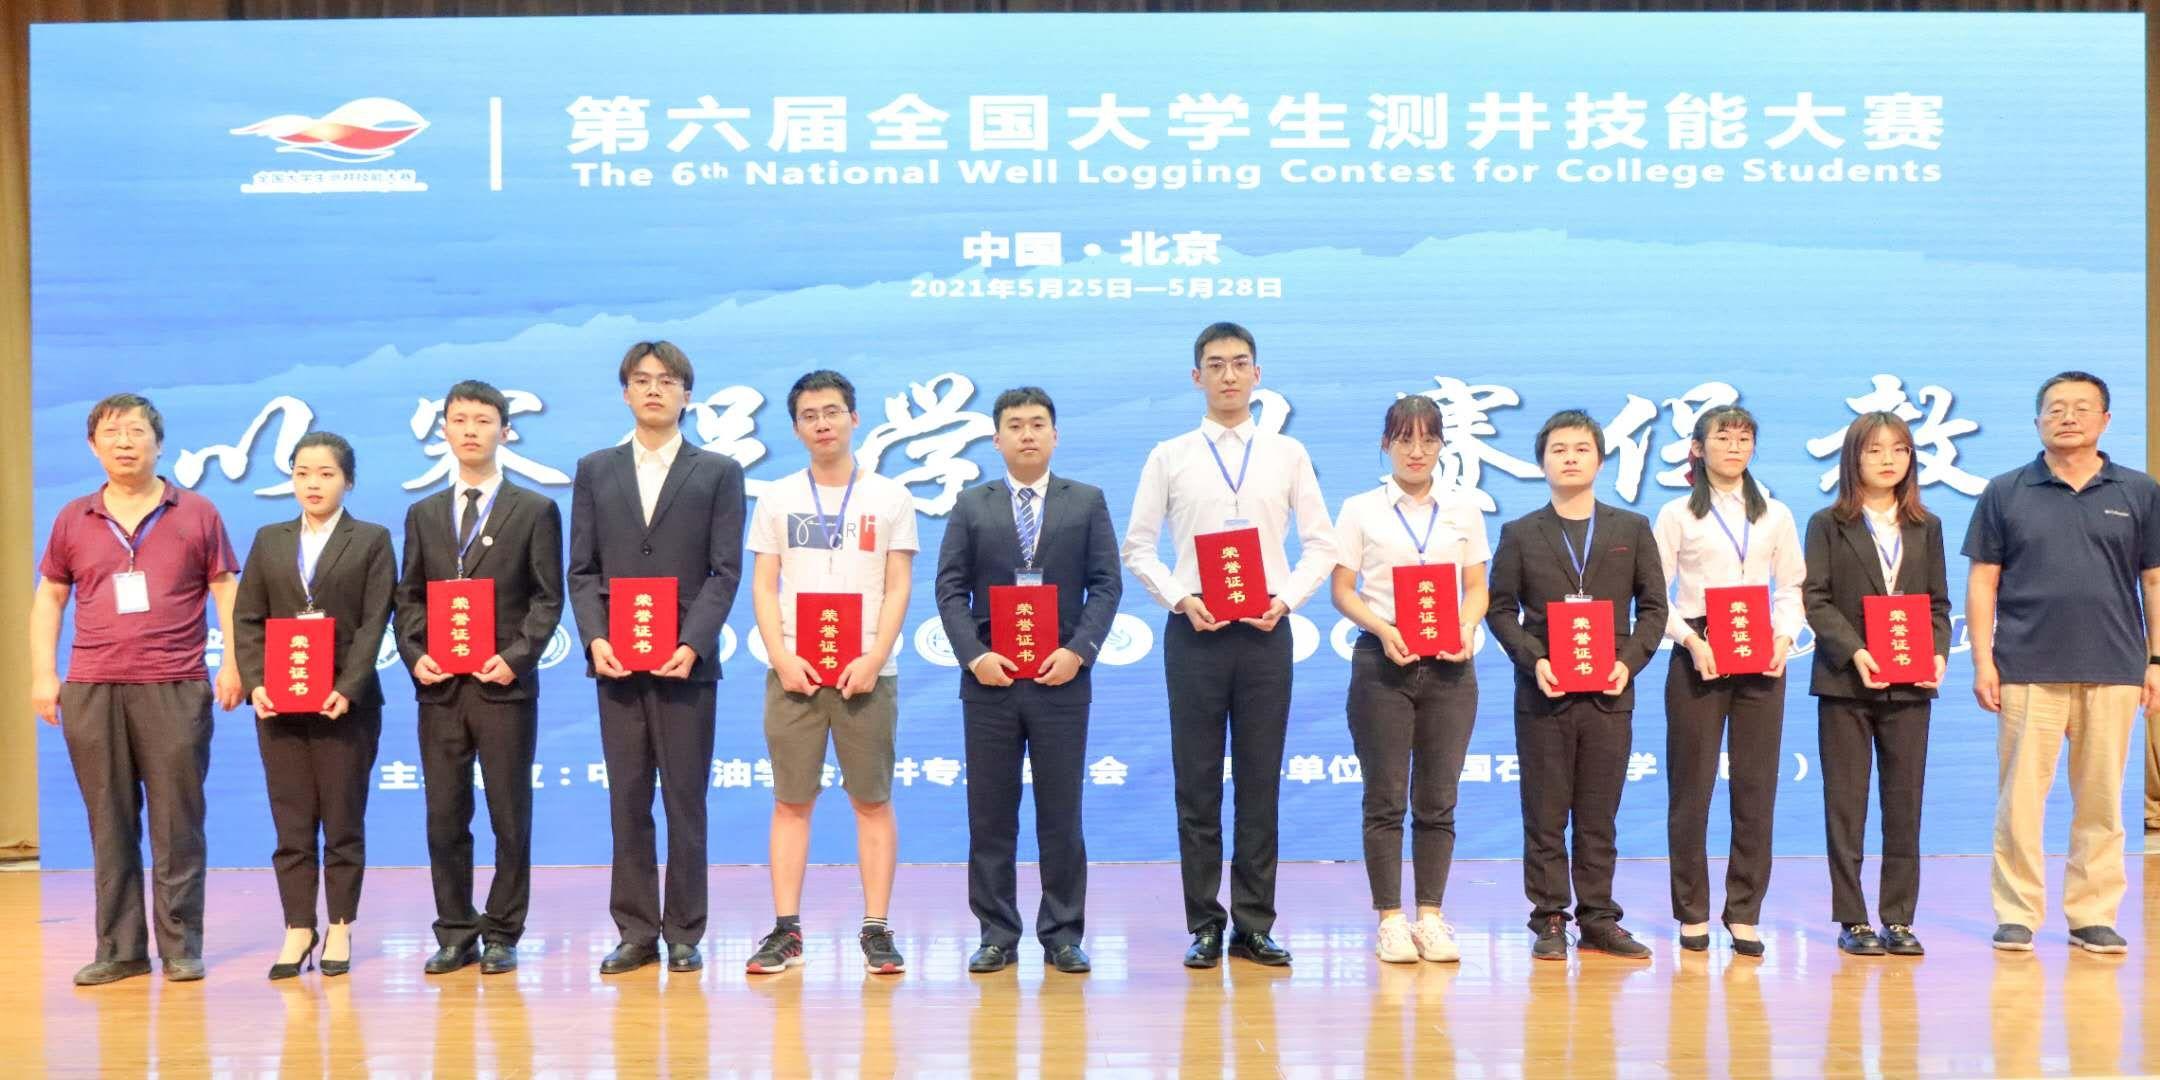 广油学子荣获第六届全国大学生测井技能大赛三等奖